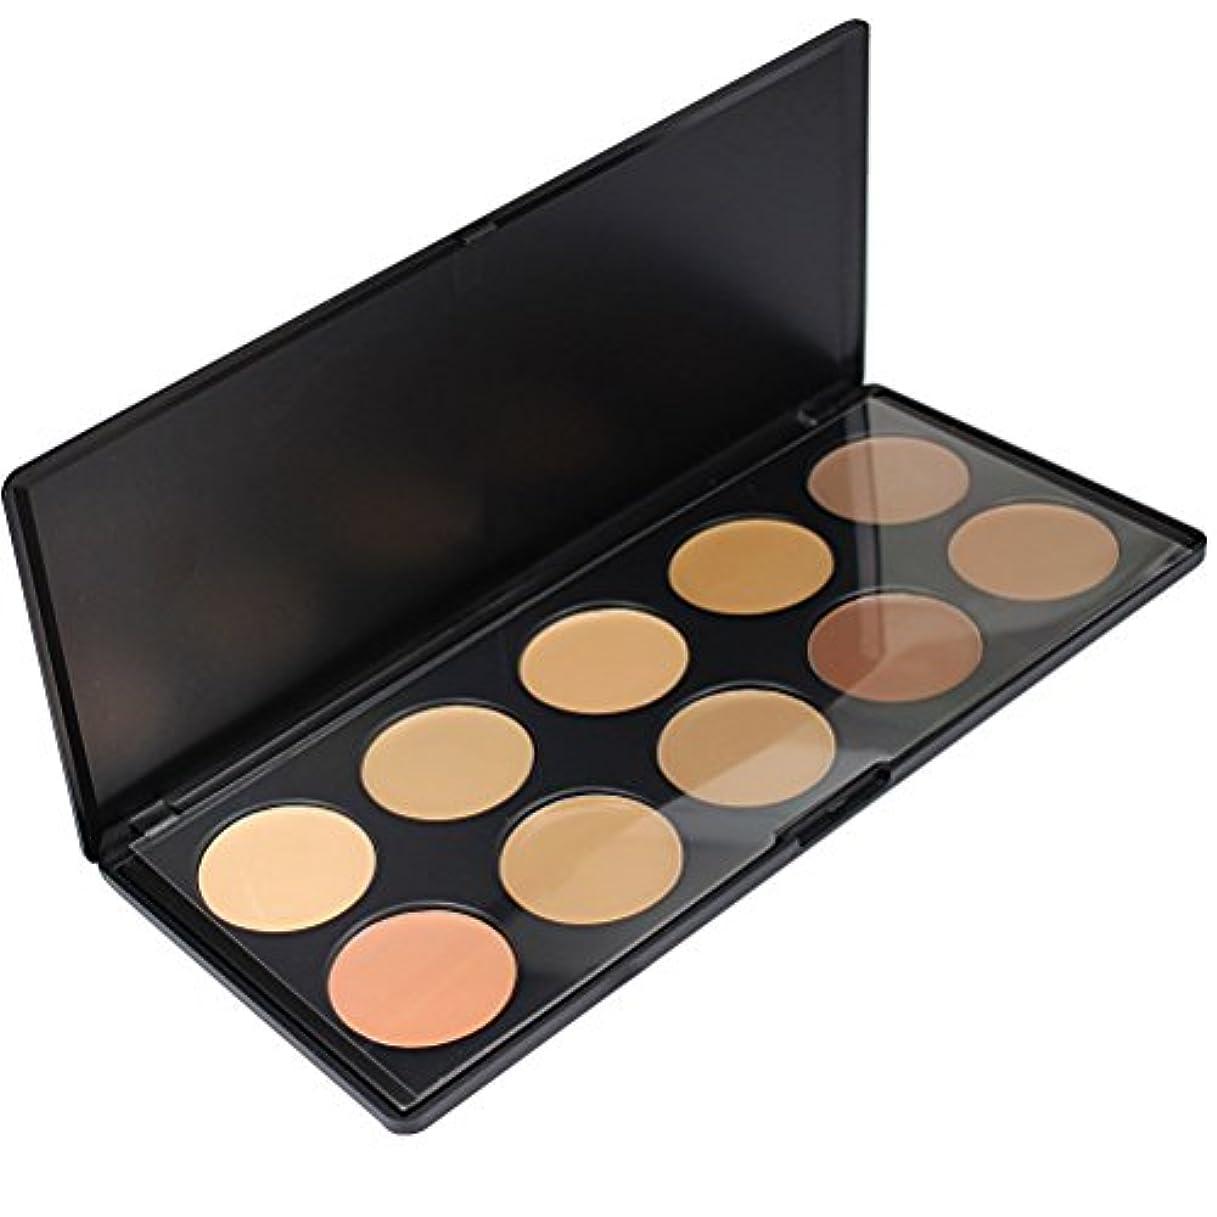 ランダム反逆者打ち負かすメイクアップエーシーシー (MakeupAcc) 10色コンシーラーパレット アイシャドウパレット メイクアップセット [並行輸入品]